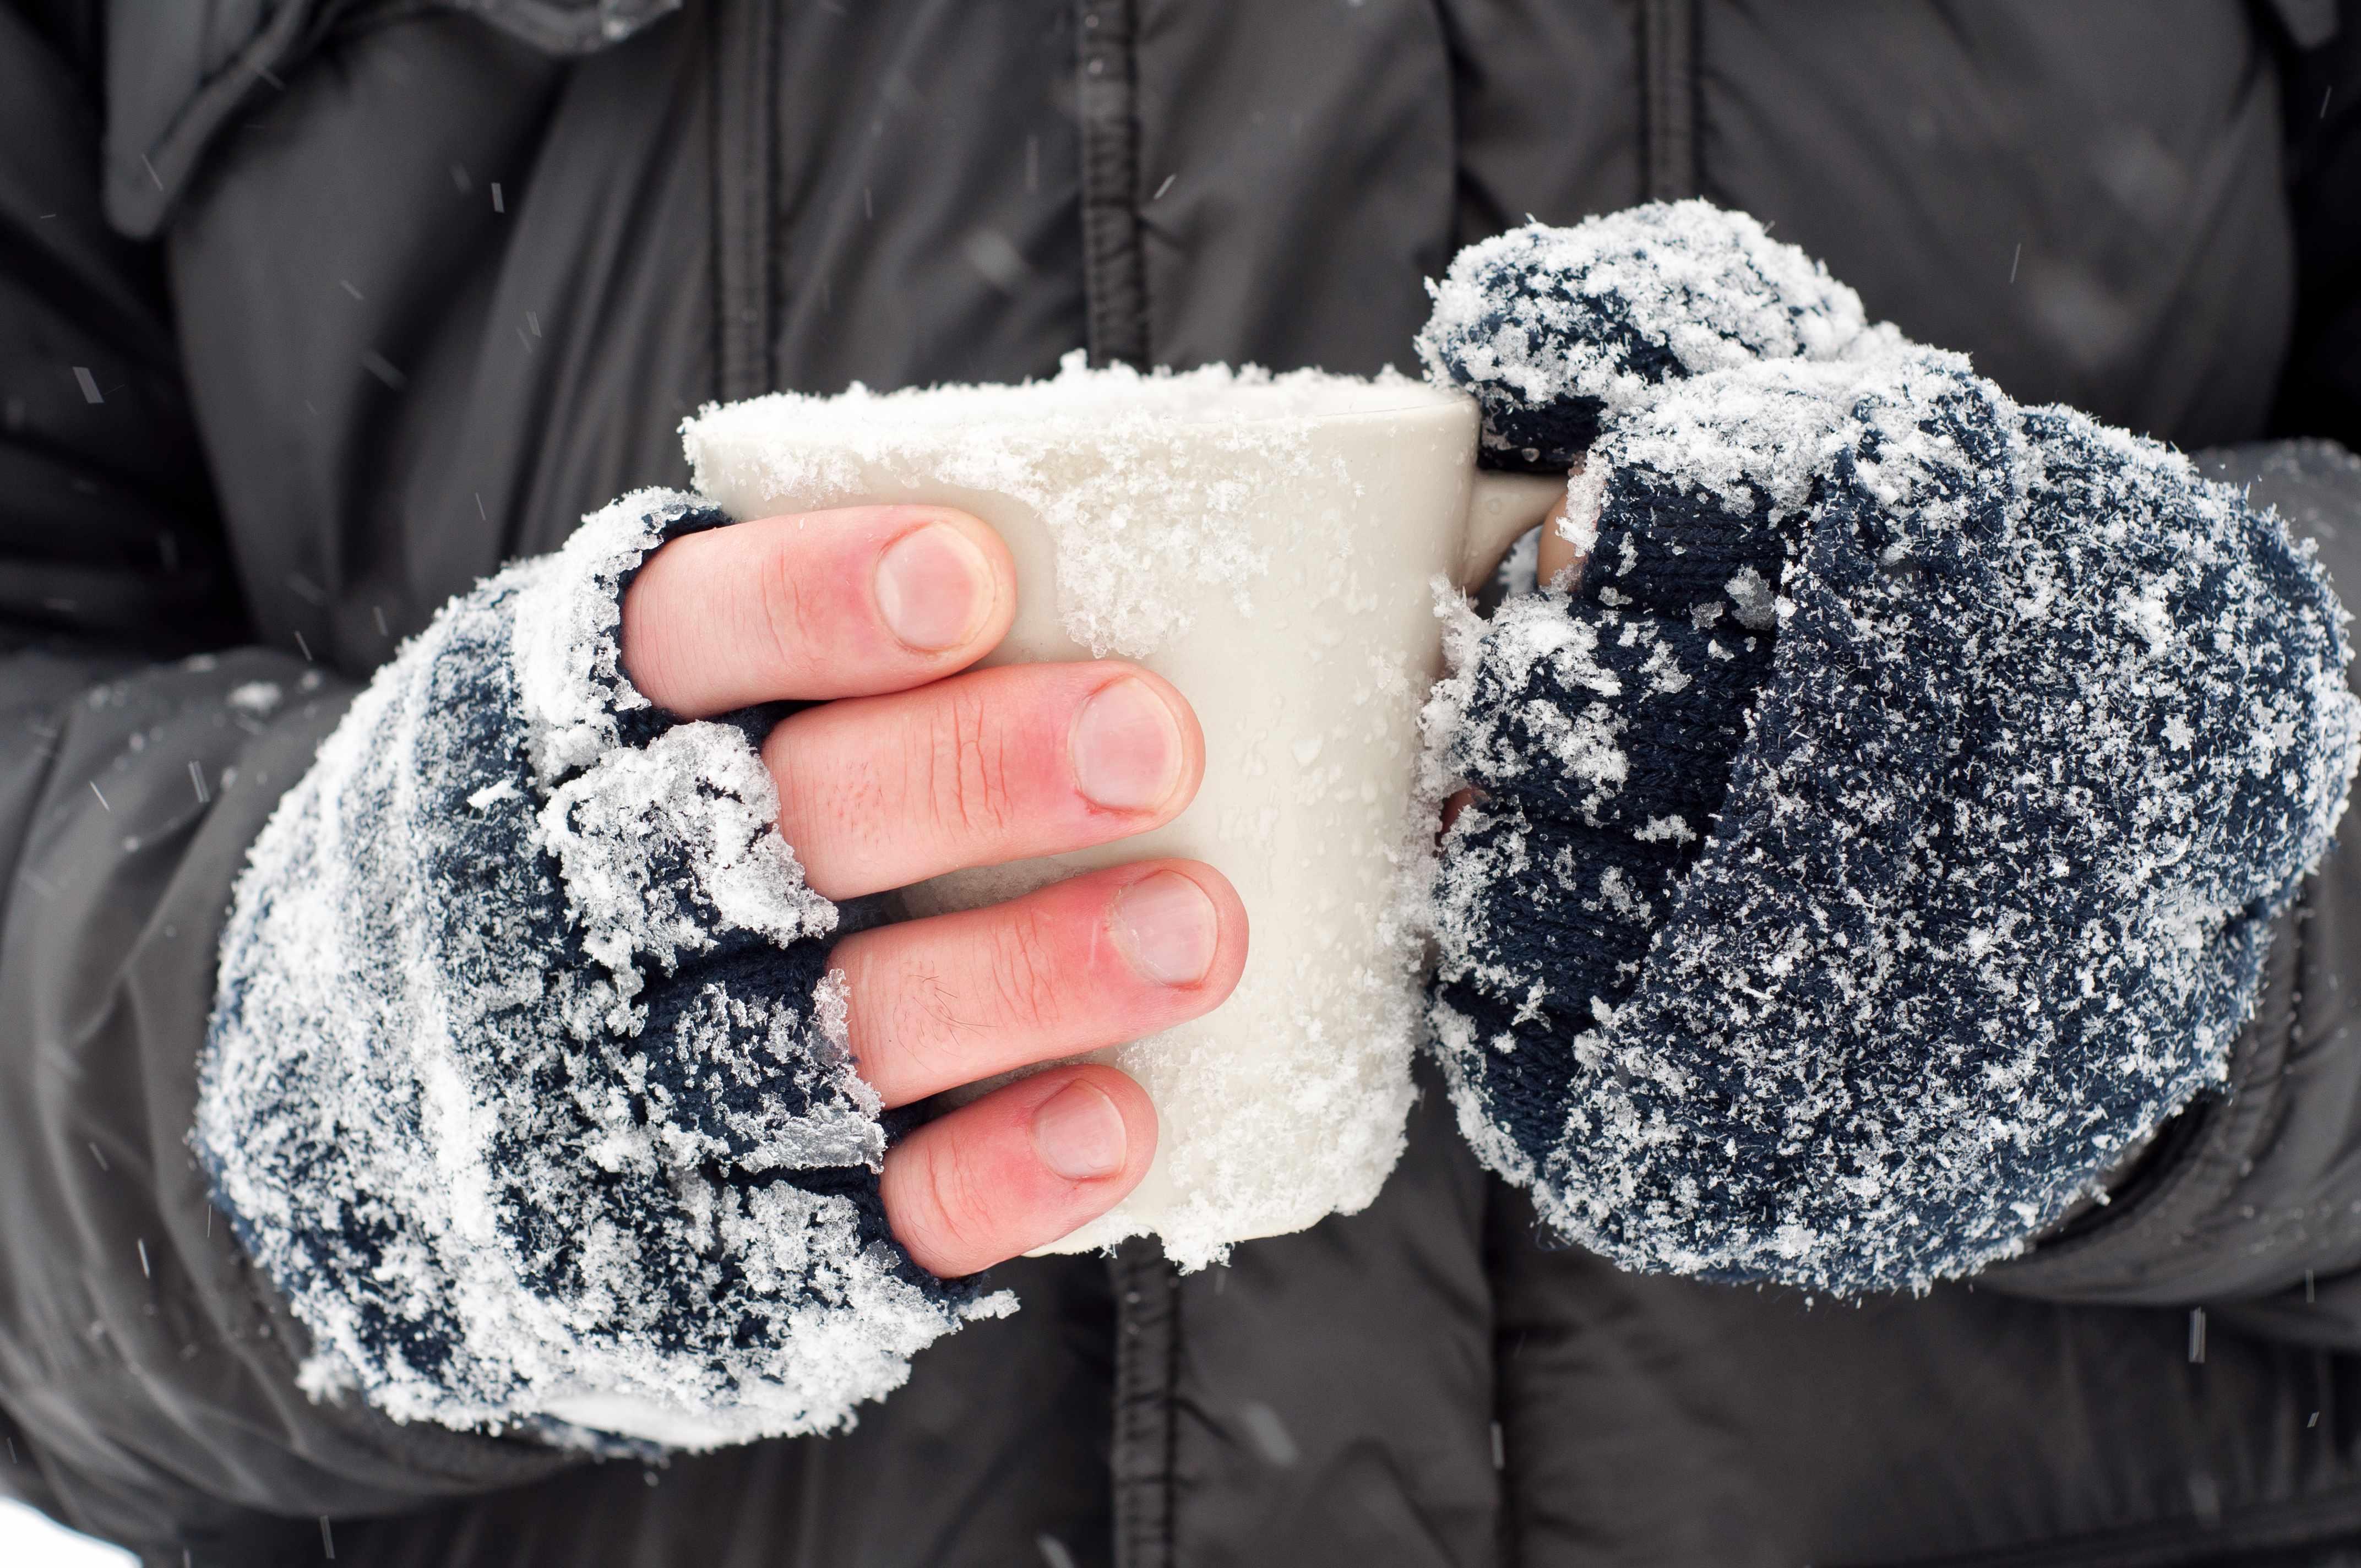 Обморожение 3 степени - симптомы и первая помощь